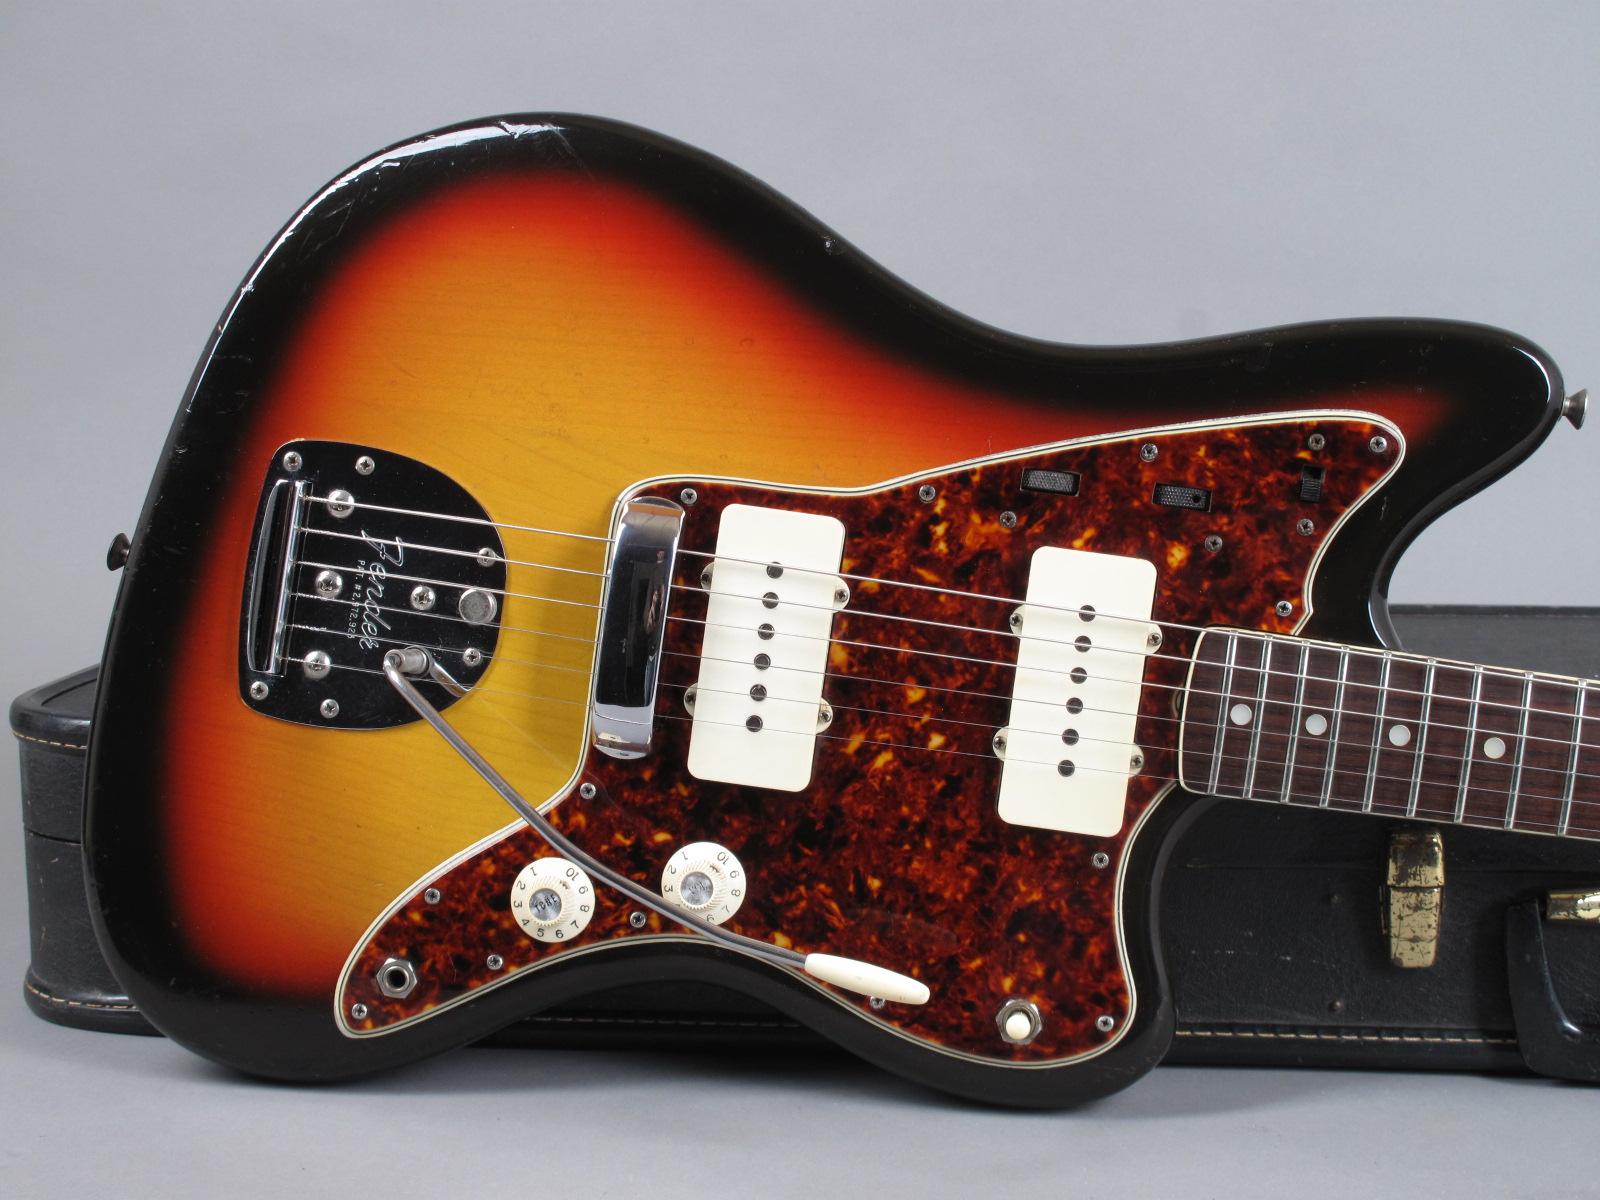 https://guitarpoint.de/app/uploads/products/1965-fender-jazzmaster-sunburst/1965-Fender-Jazzmaster-Sunburst-116126-9.jpg